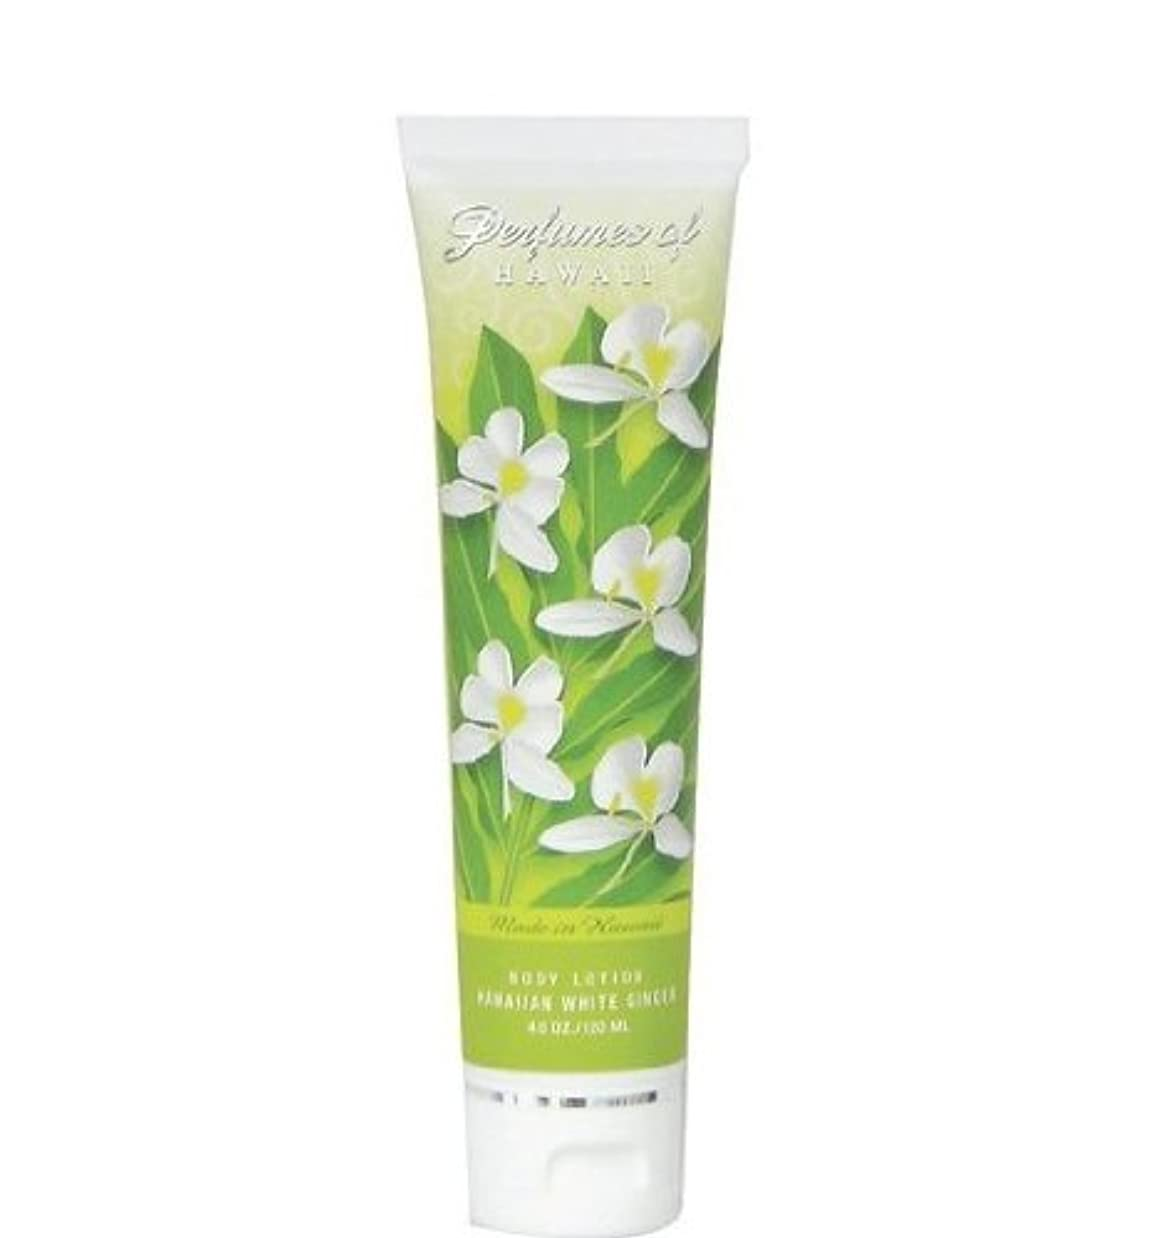 一般的に給料召喚する【2本セット】ハワイ】ホワイトジンジャーボディーローション Hawaiian White Ginger Body Lotion - 4.0 Oz - Perfumes of Hawaii 海外直送品